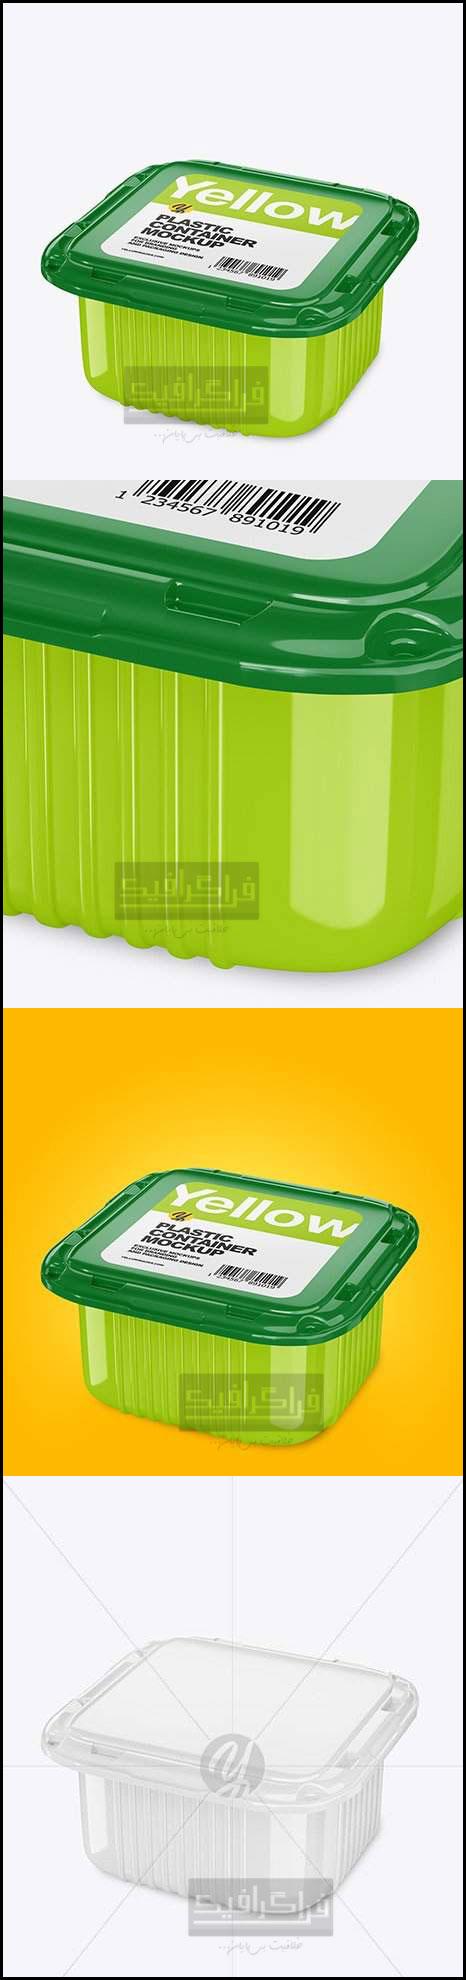 دانلود ماک آپ فتوشاپ ظرف پلاستیکی مواد غذایی